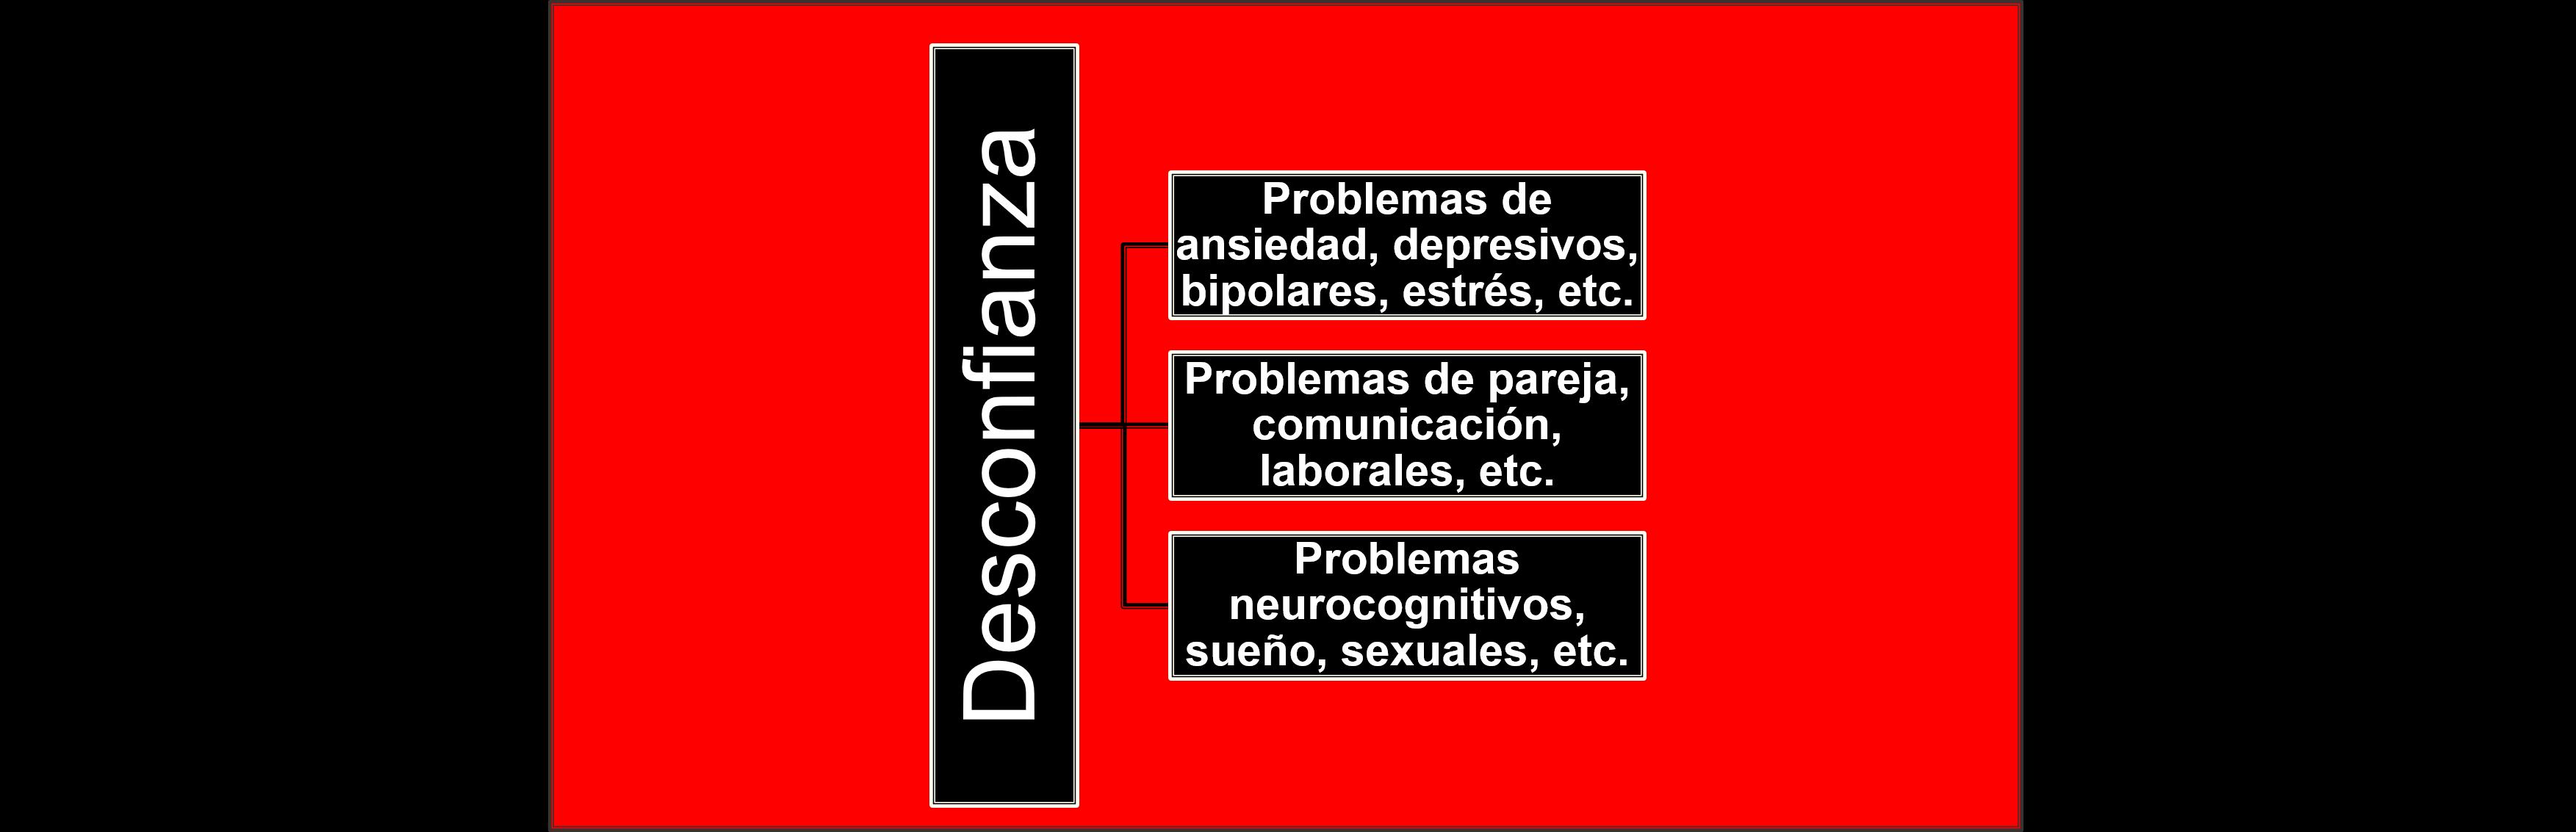 Desconfianza-psiquiatria 5